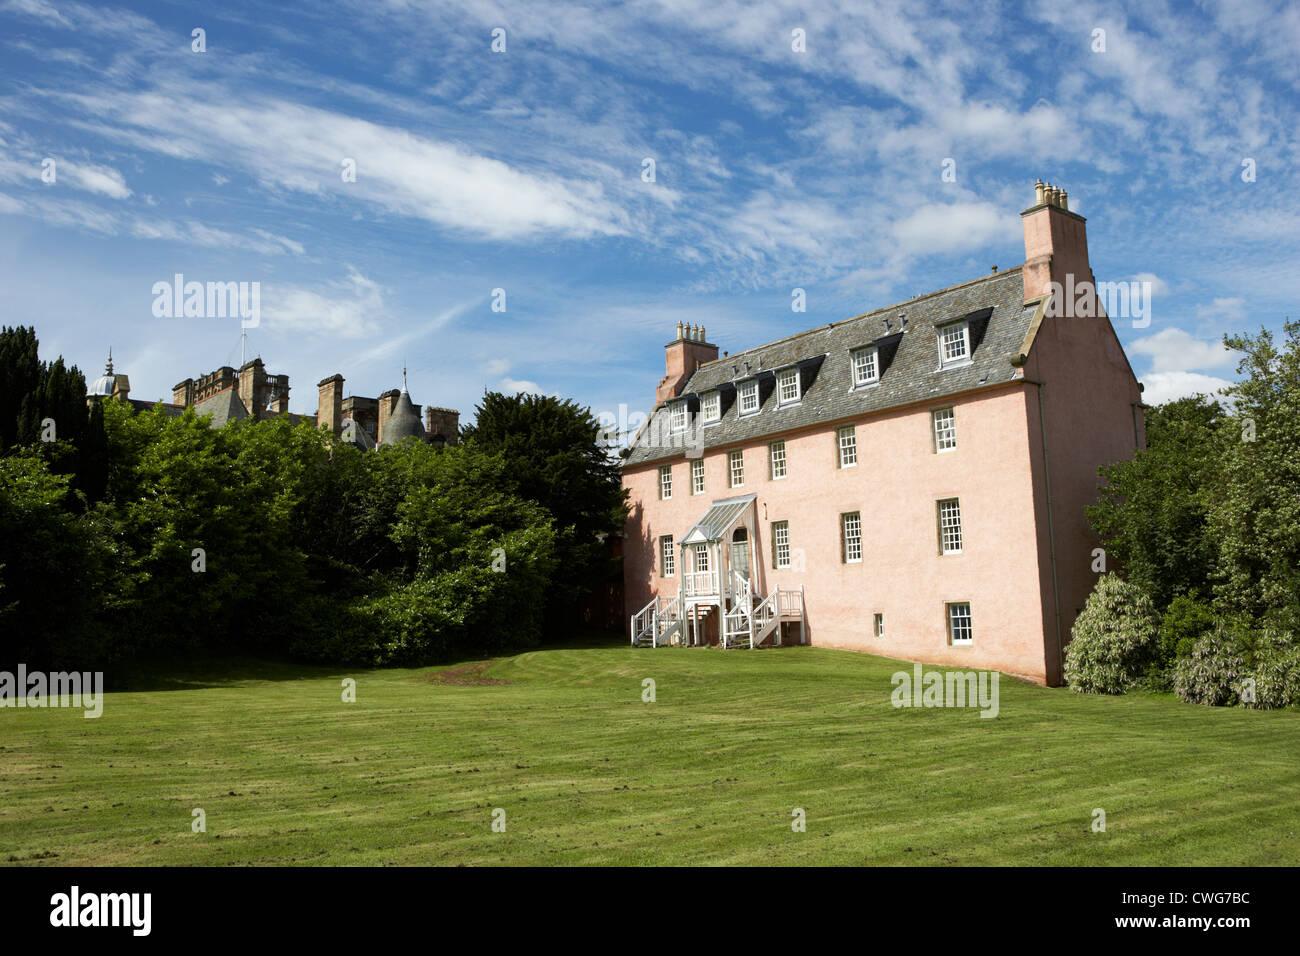 old craig building of the craighouse campus of edinburgh napier university, scotland, uk, united kingdom - Stock Image